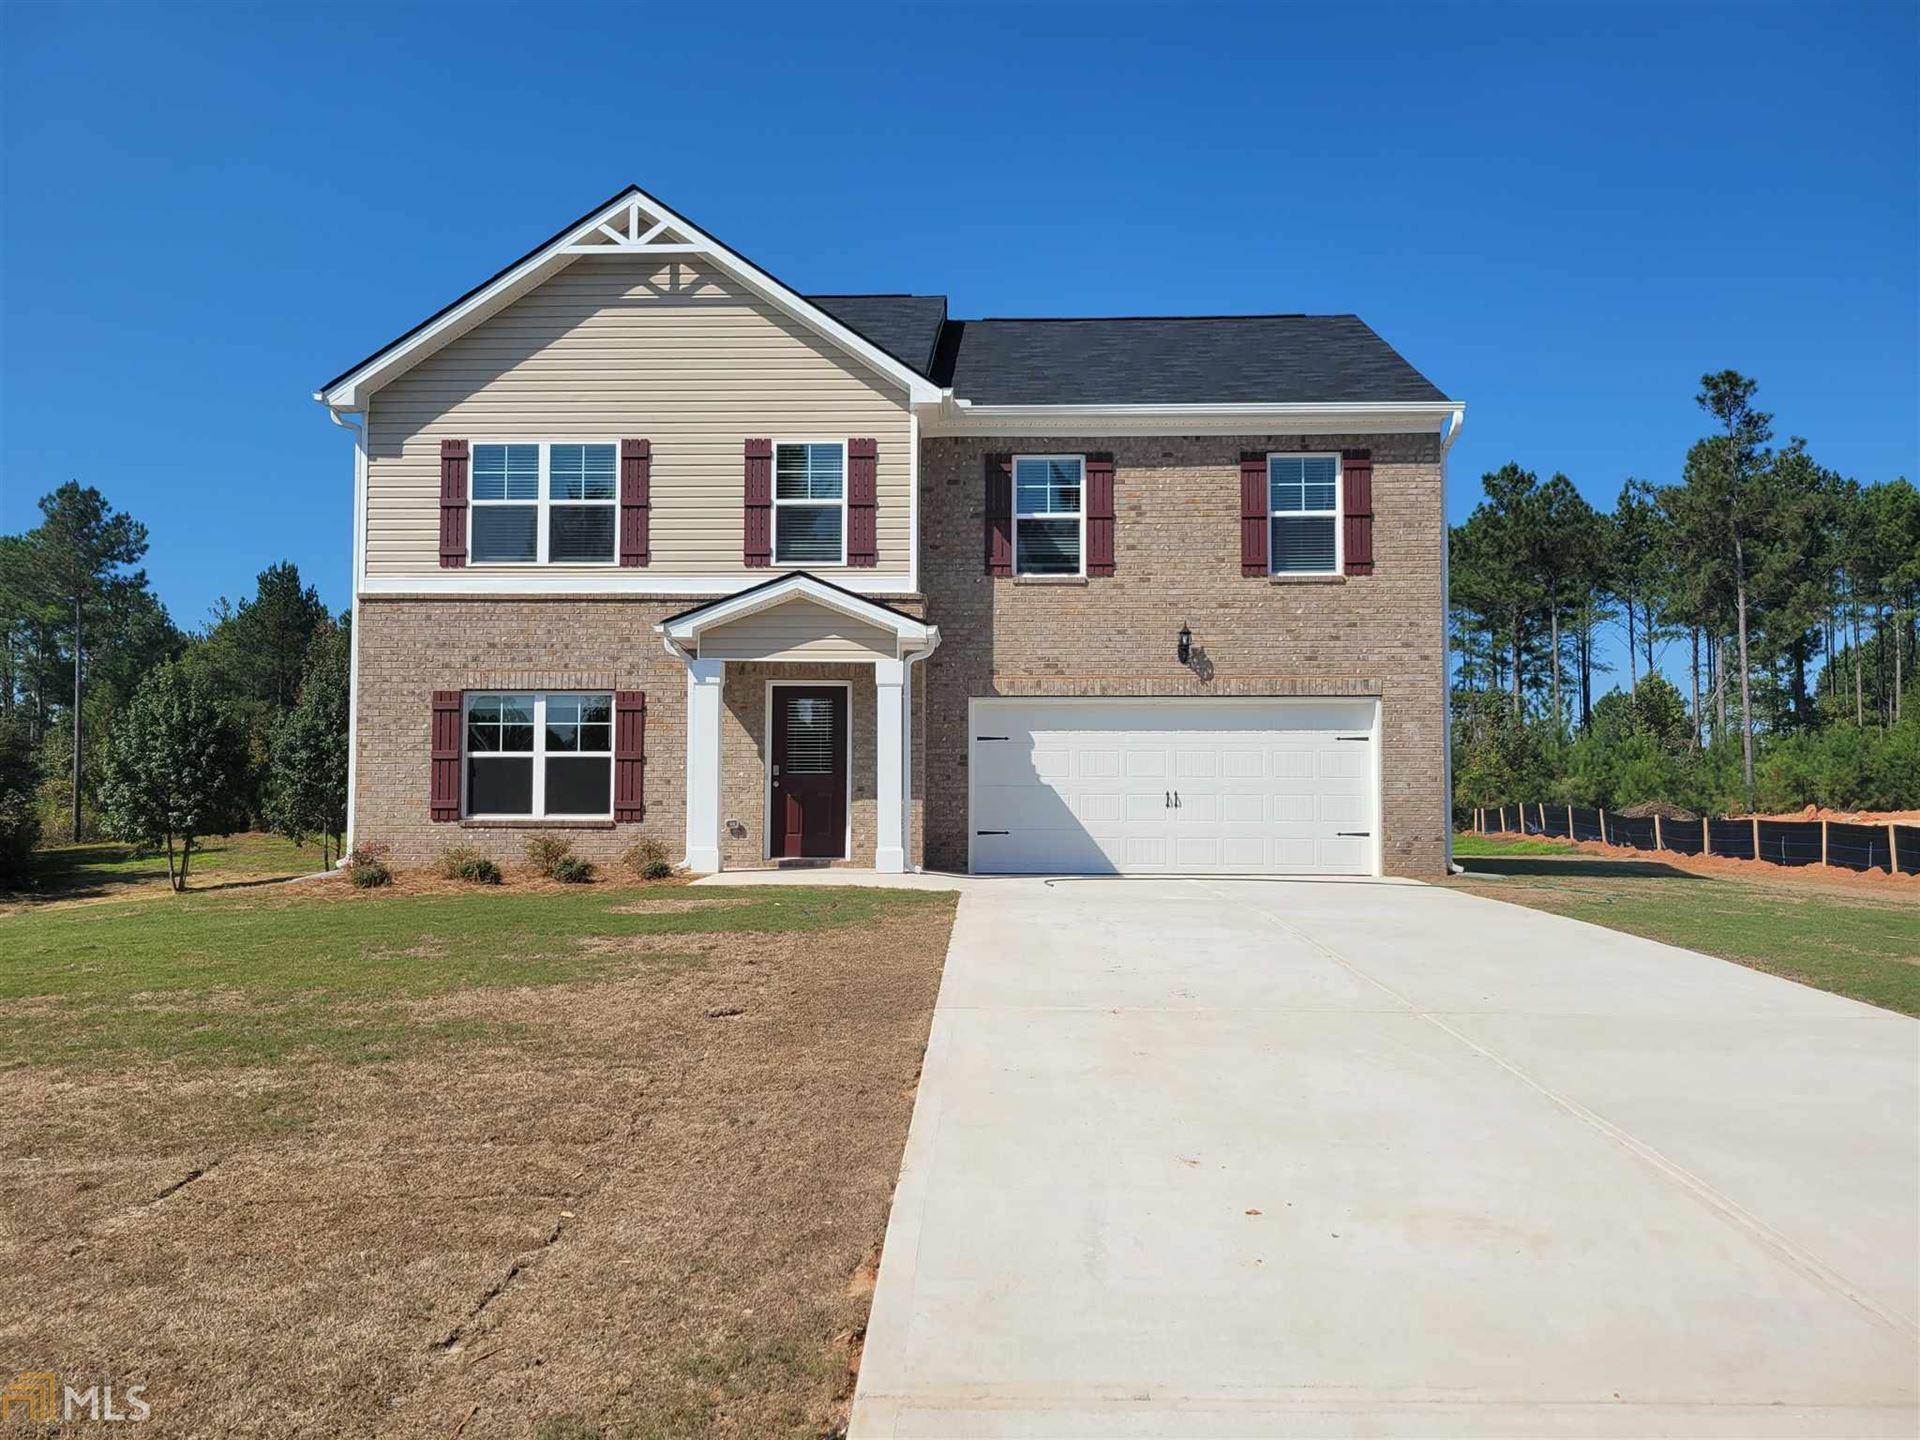 424 White Pines Dr, Jackson, GA 30233 - MLS#: 8812225